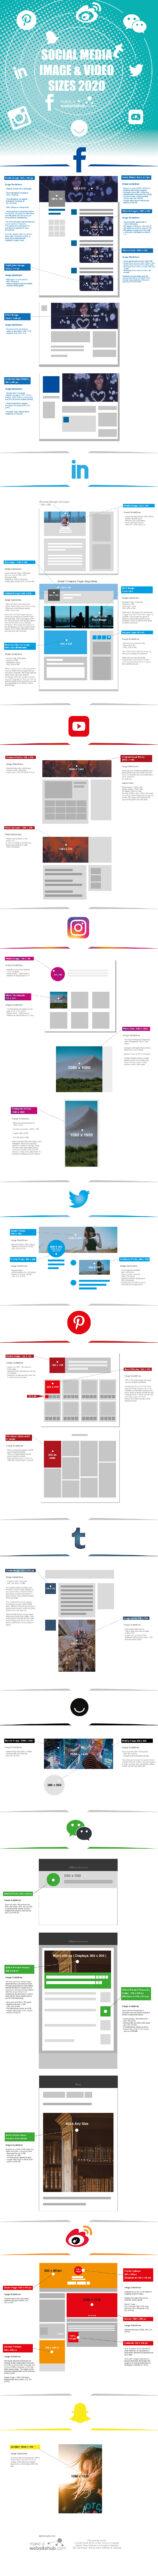 Afmetingen social media avatars